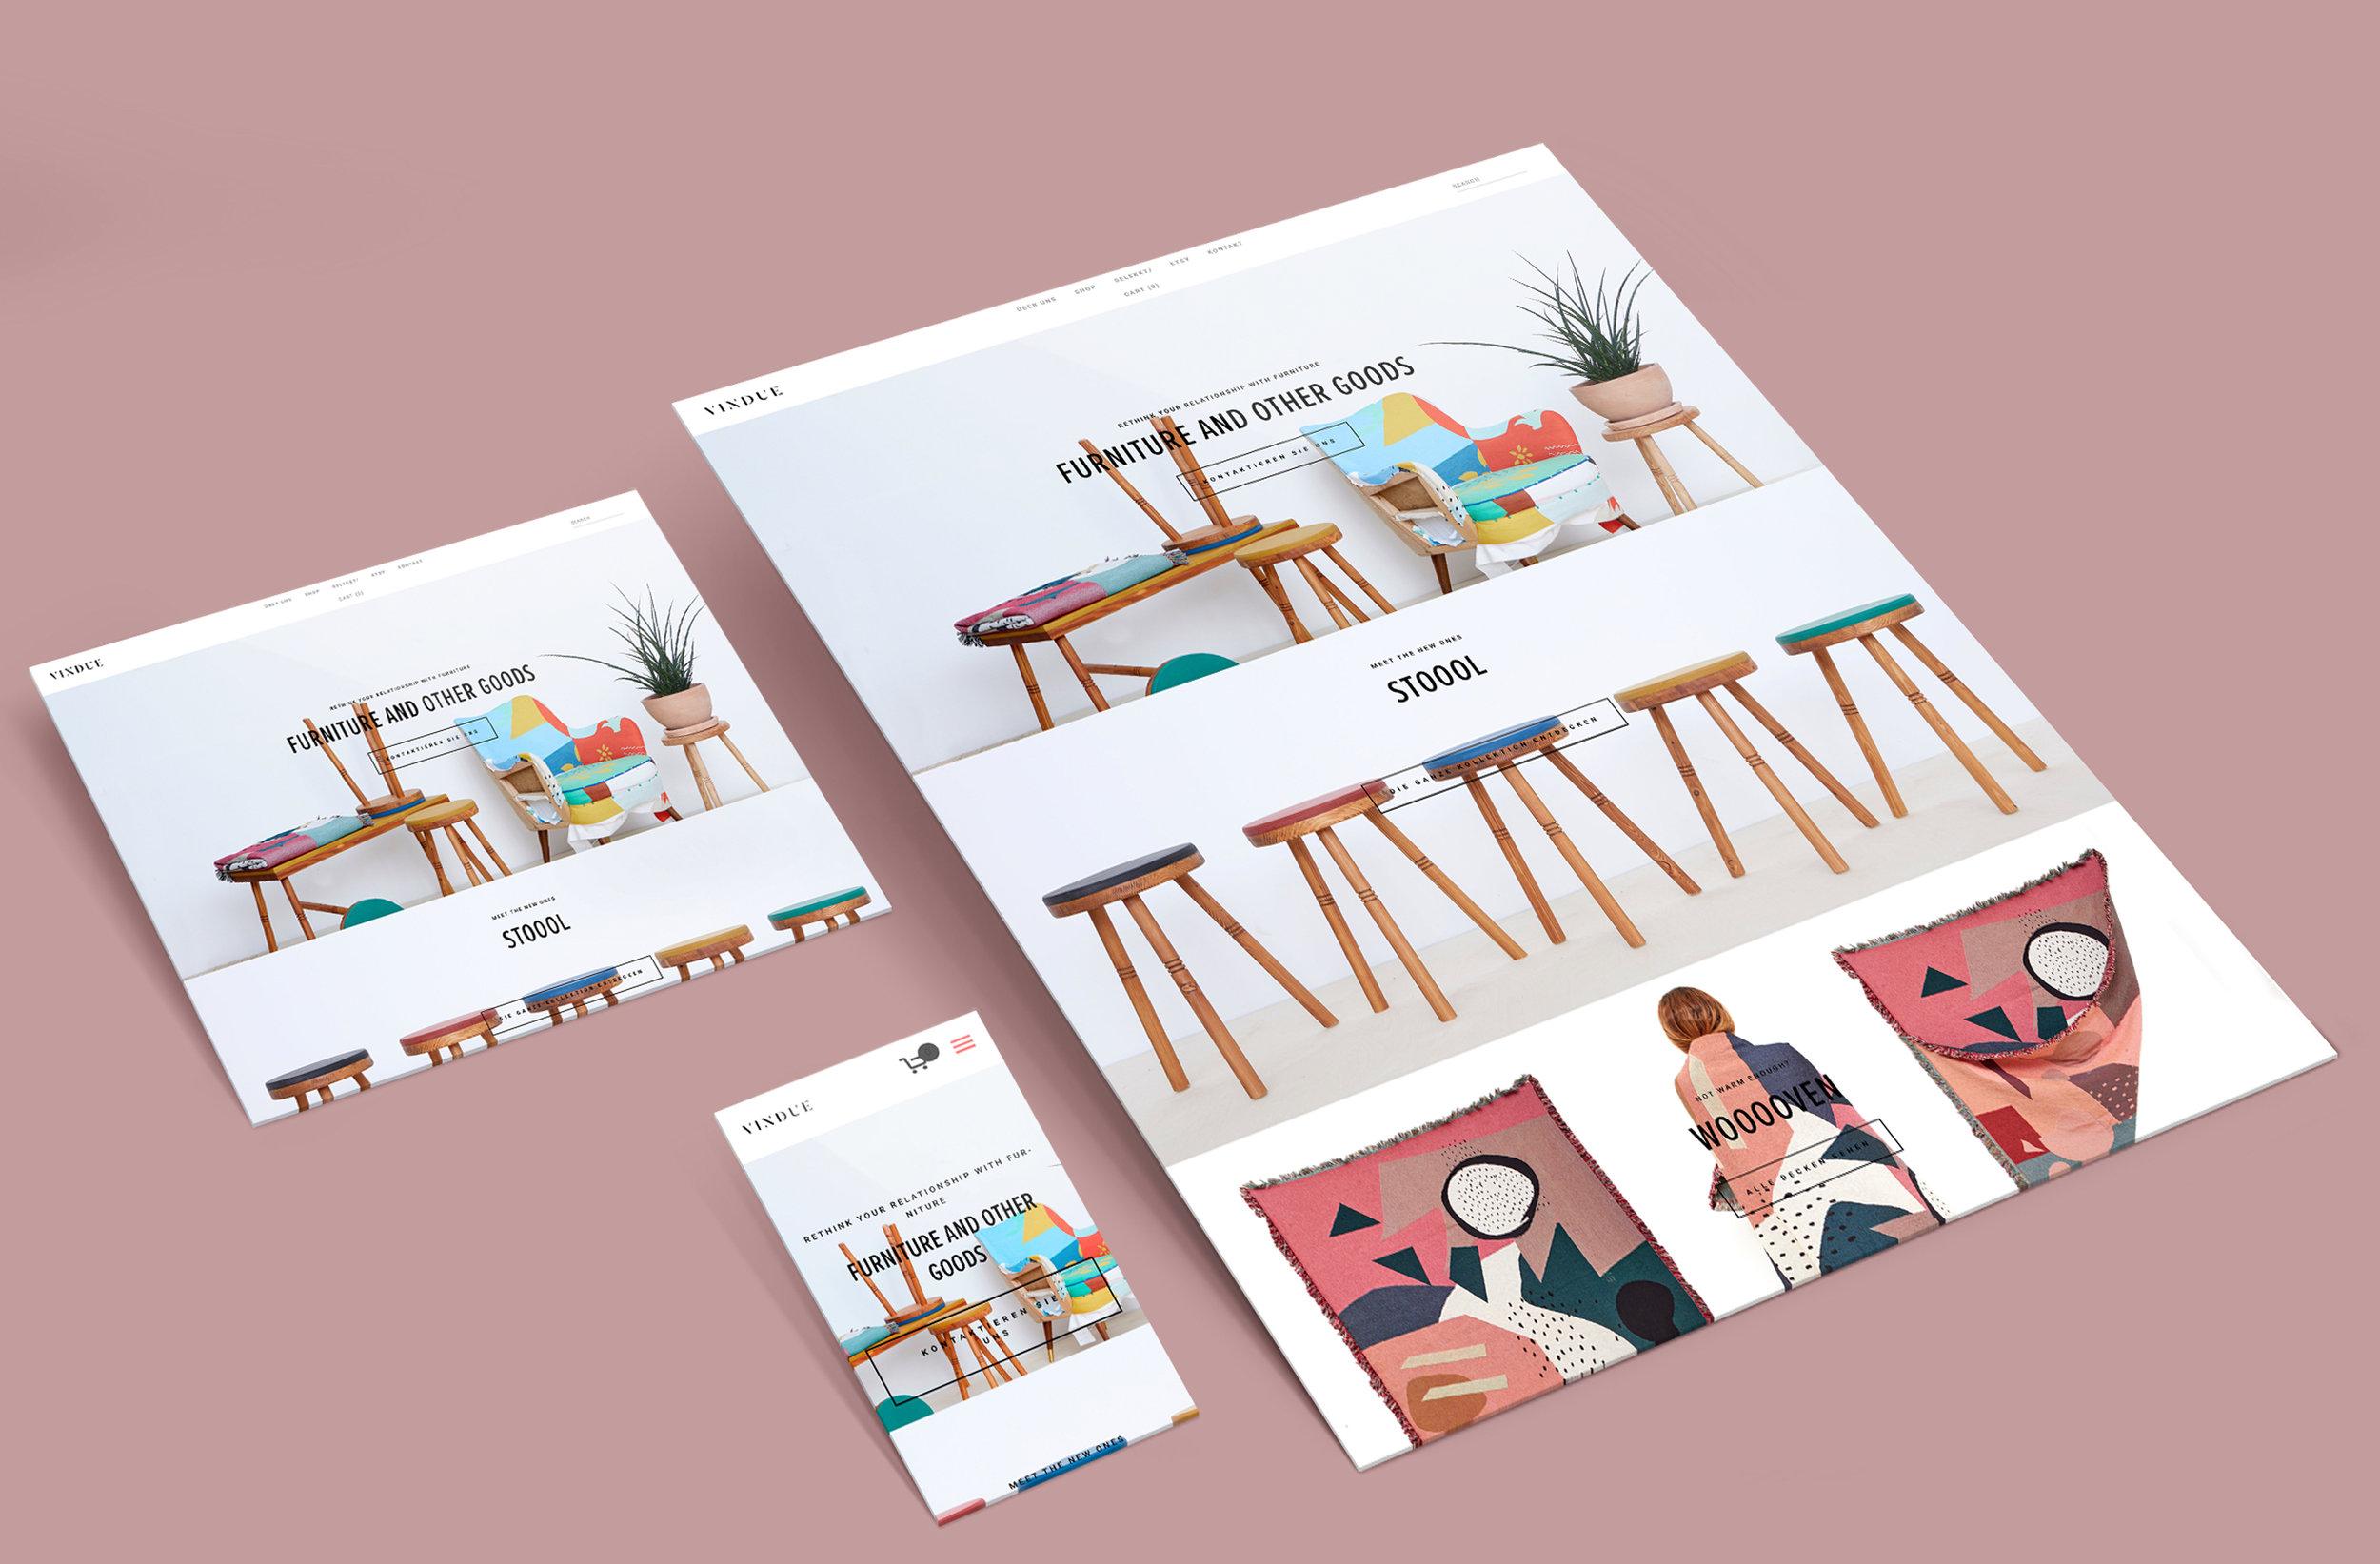 webdesign_phaedra_richter